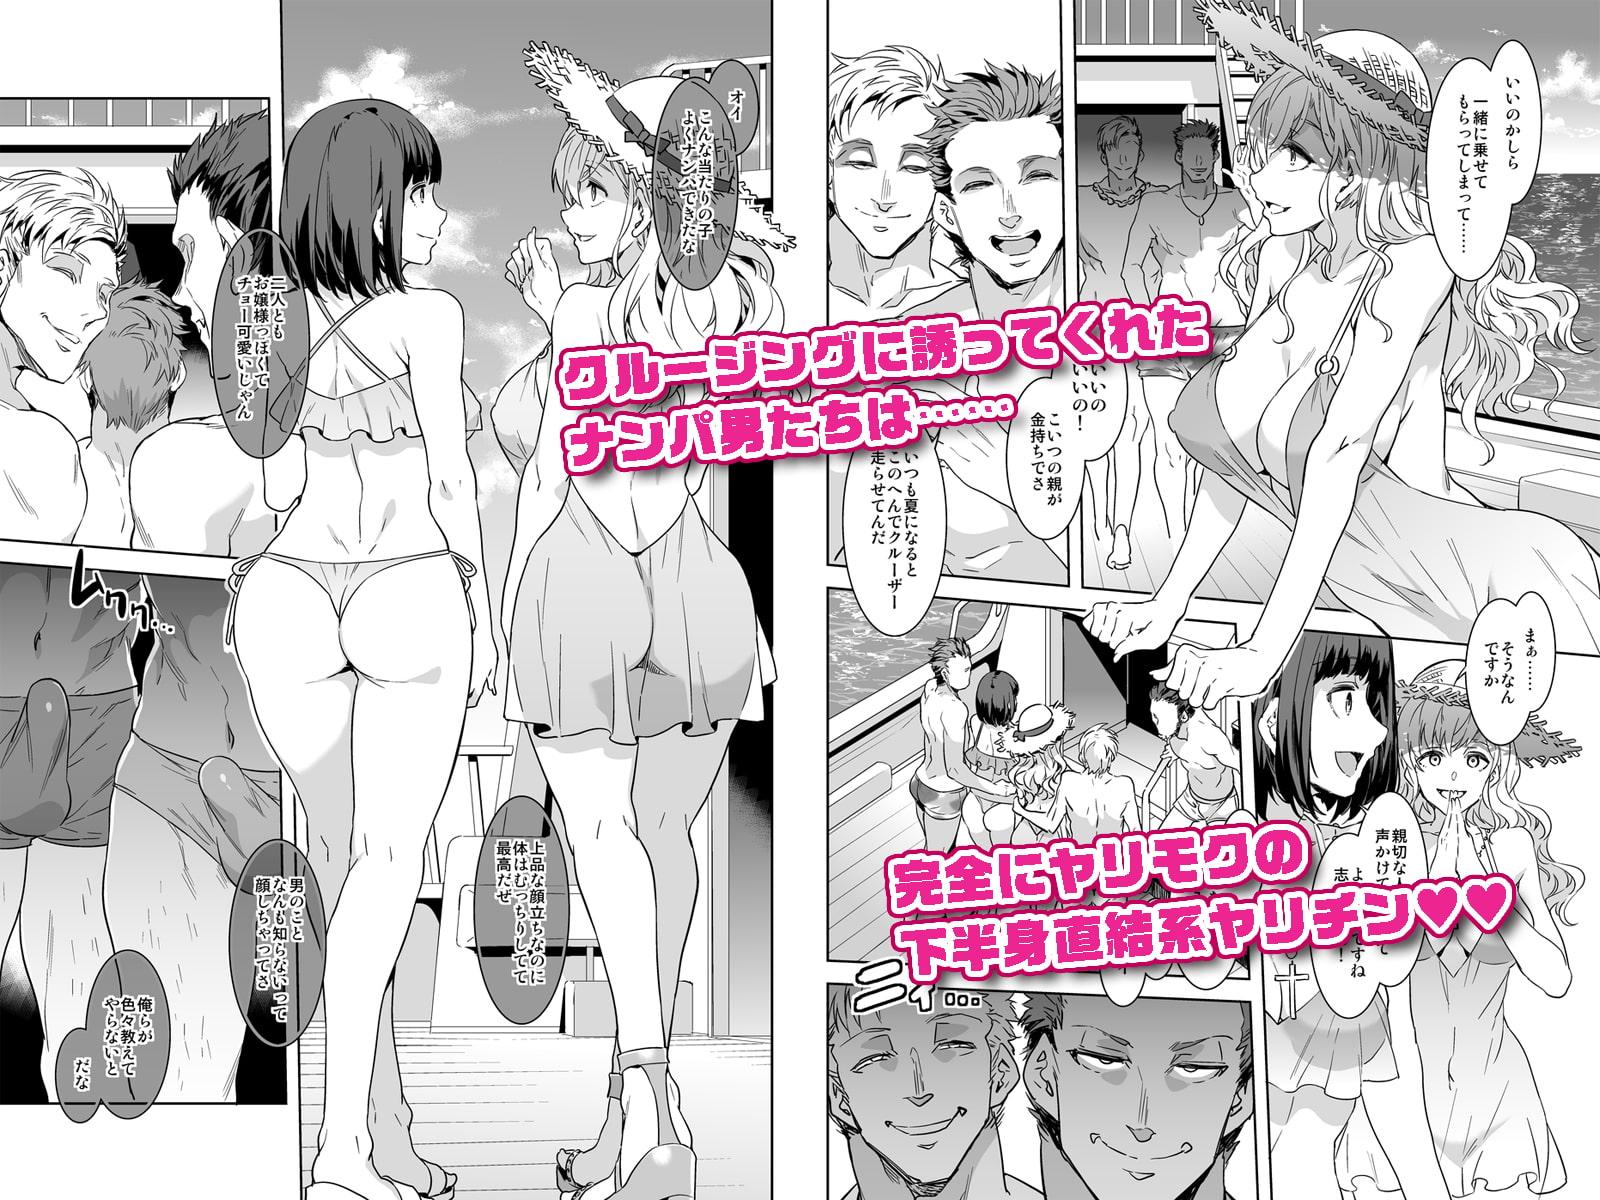 マ〇ア様がみてる売春X -DL再編集版-のサンプル画像1